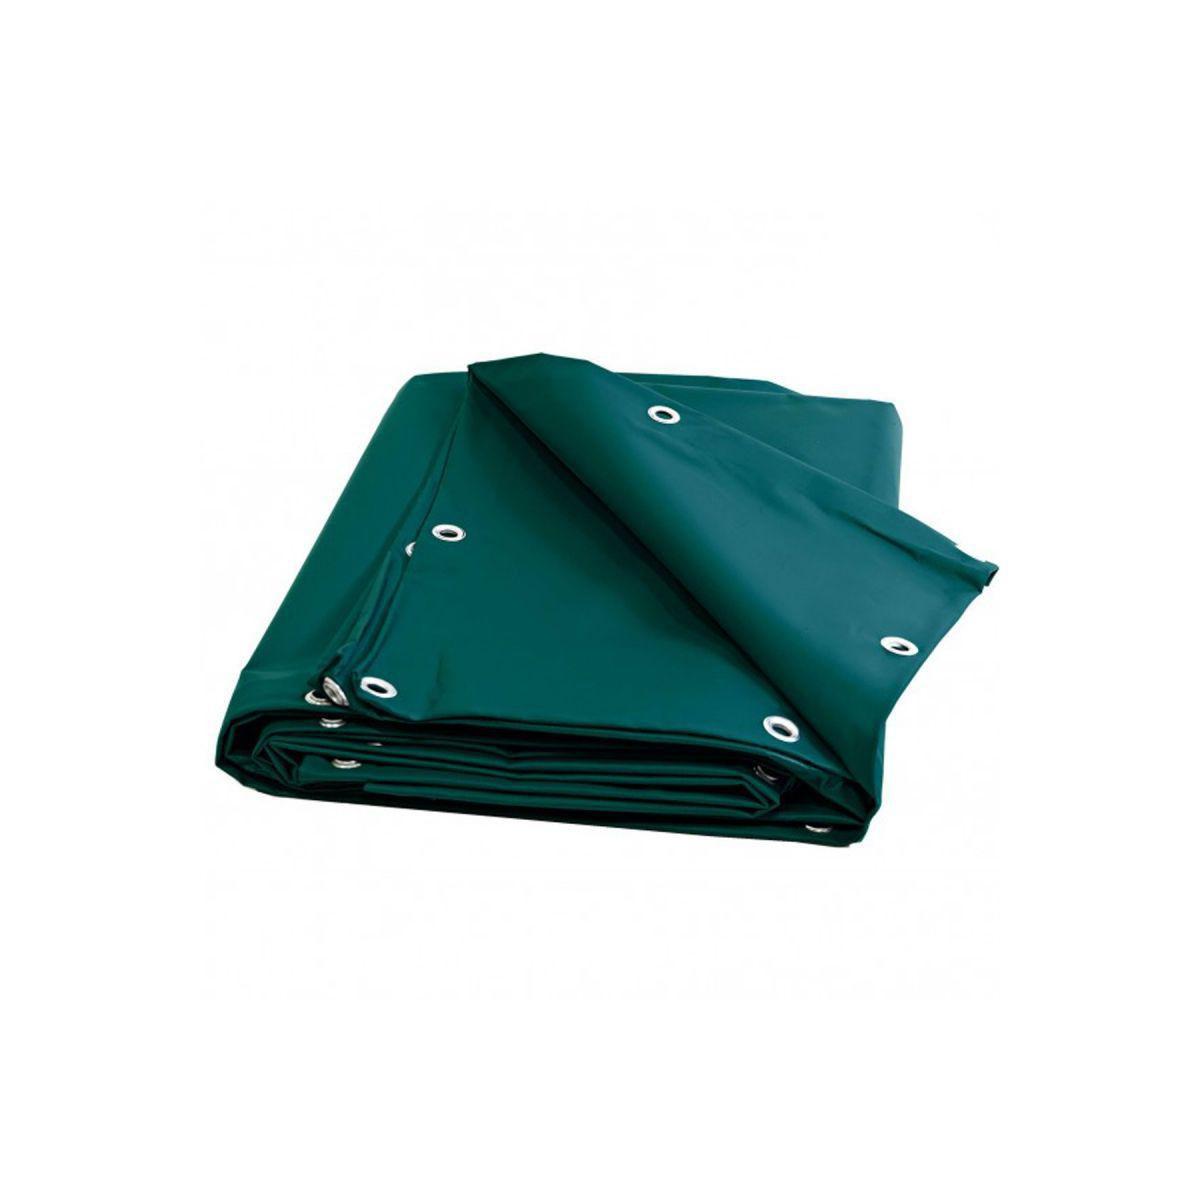 Univers Du Pro Bâche Charpente 5 x 4 m Verte 680 g/m2 PVC Haute qualité